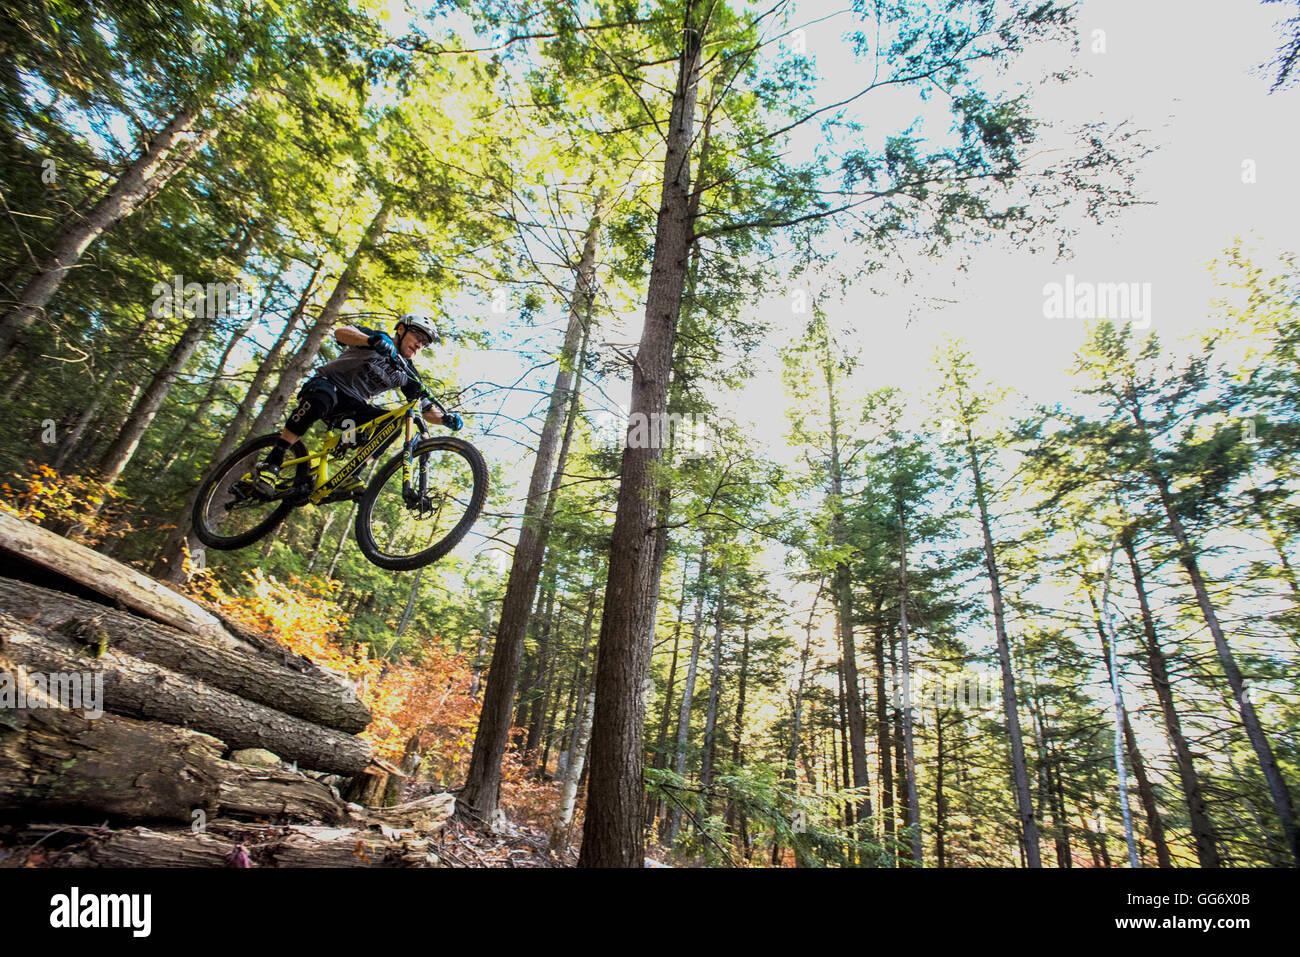 Autumn mountain biking in the WHite Mountains of New Hampshire. - Stock Image